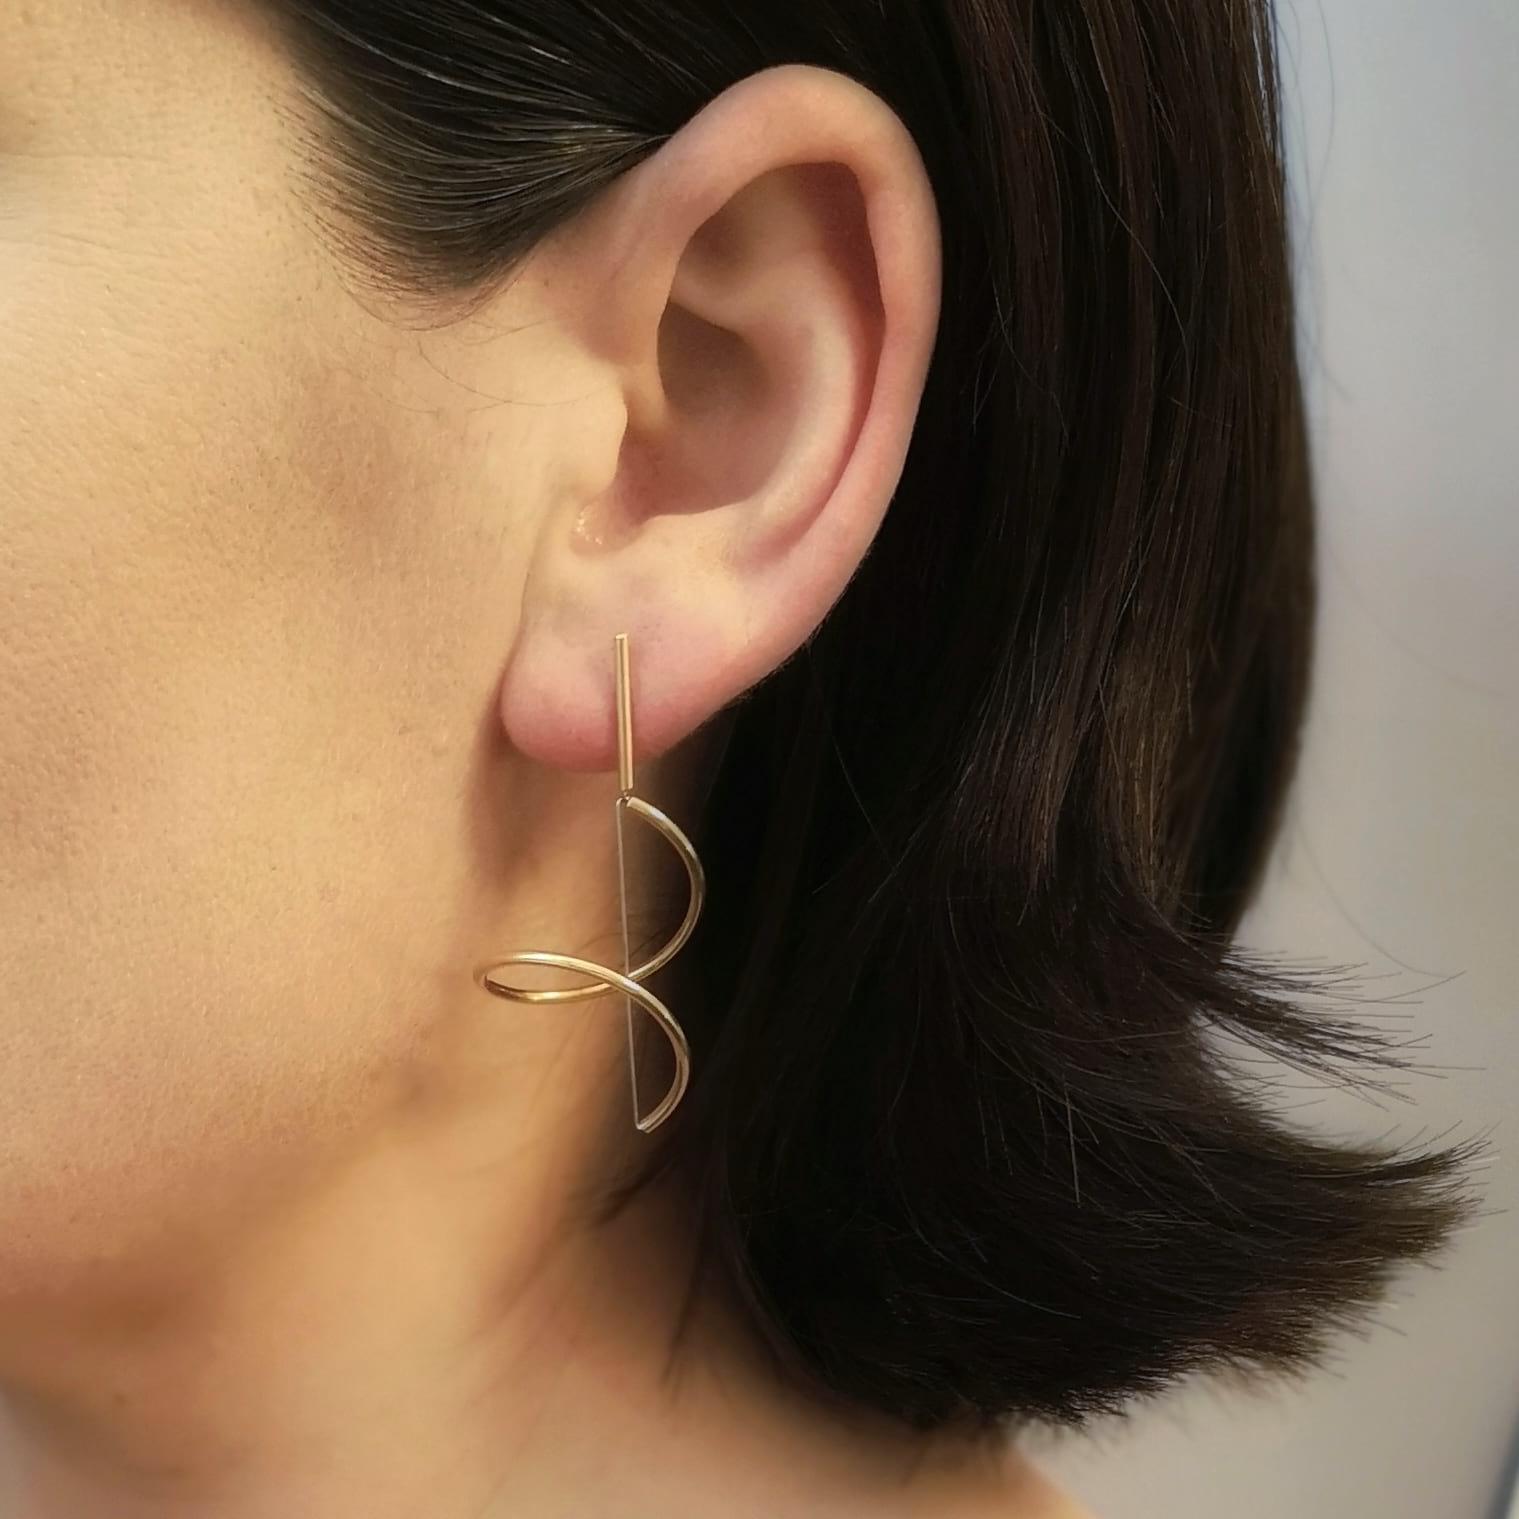 Gold Swirl Earrings on Model